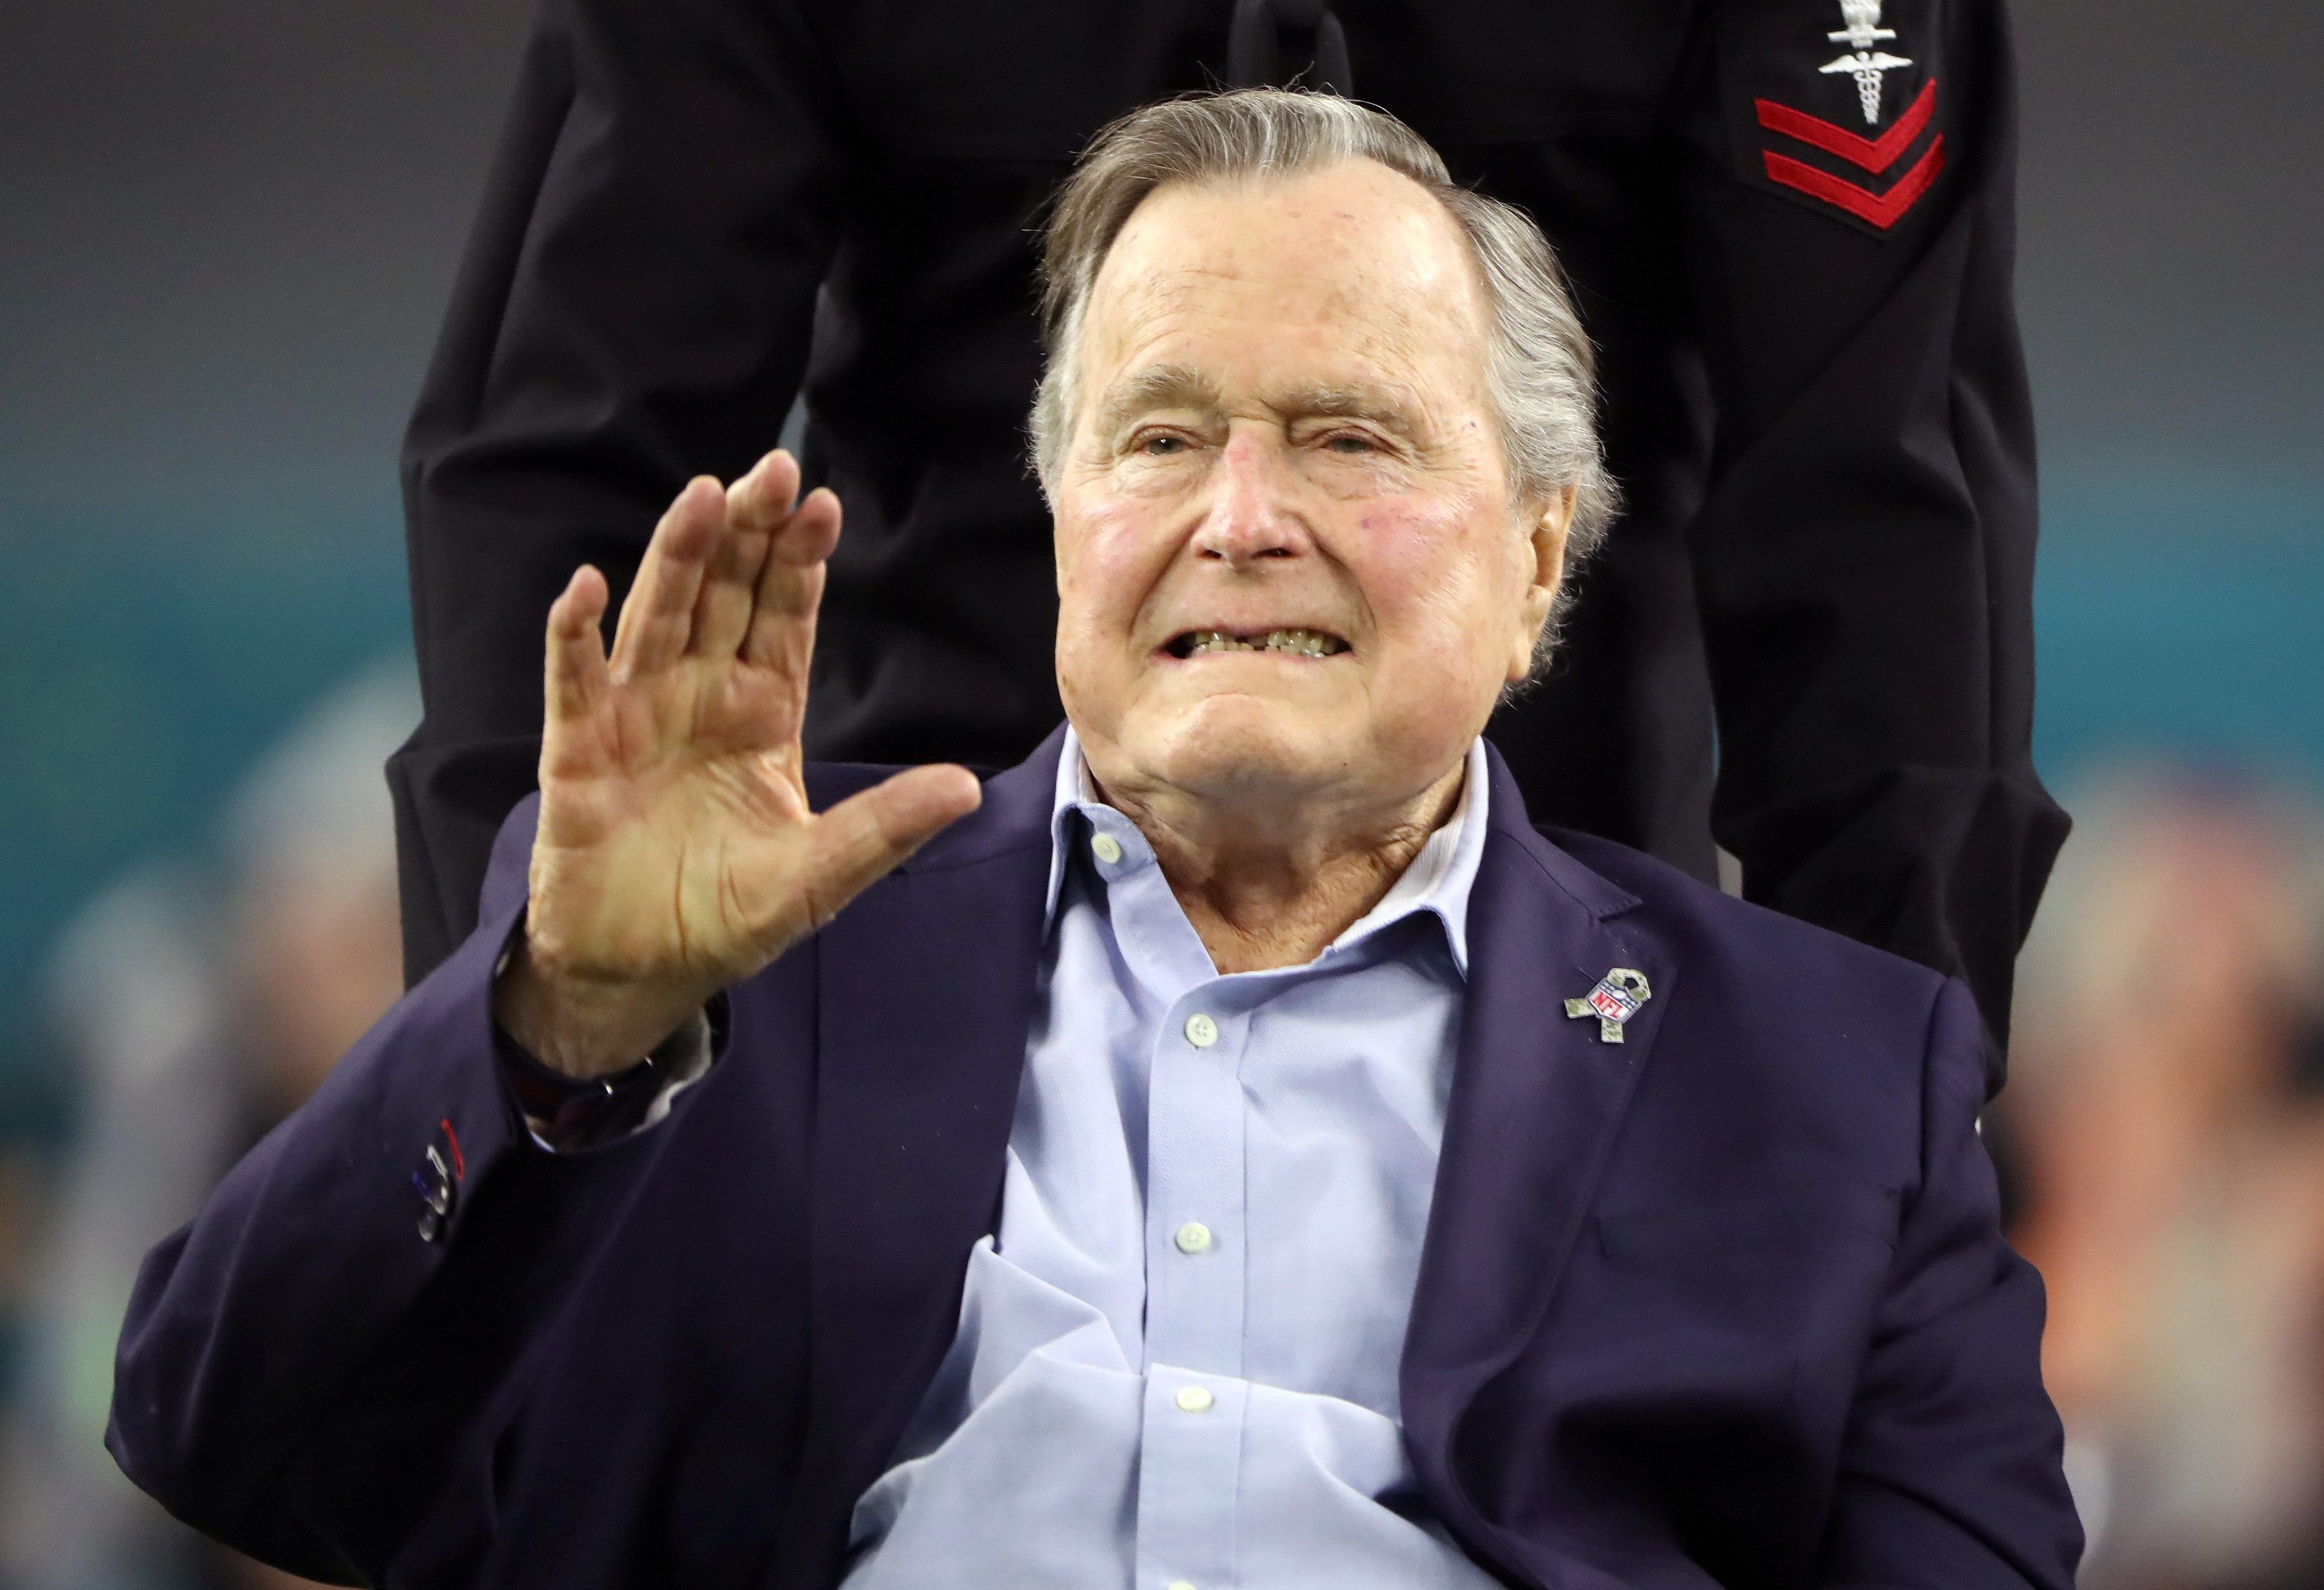 Dan de alta a Bush padre tras ser tratado por baja presión arterial